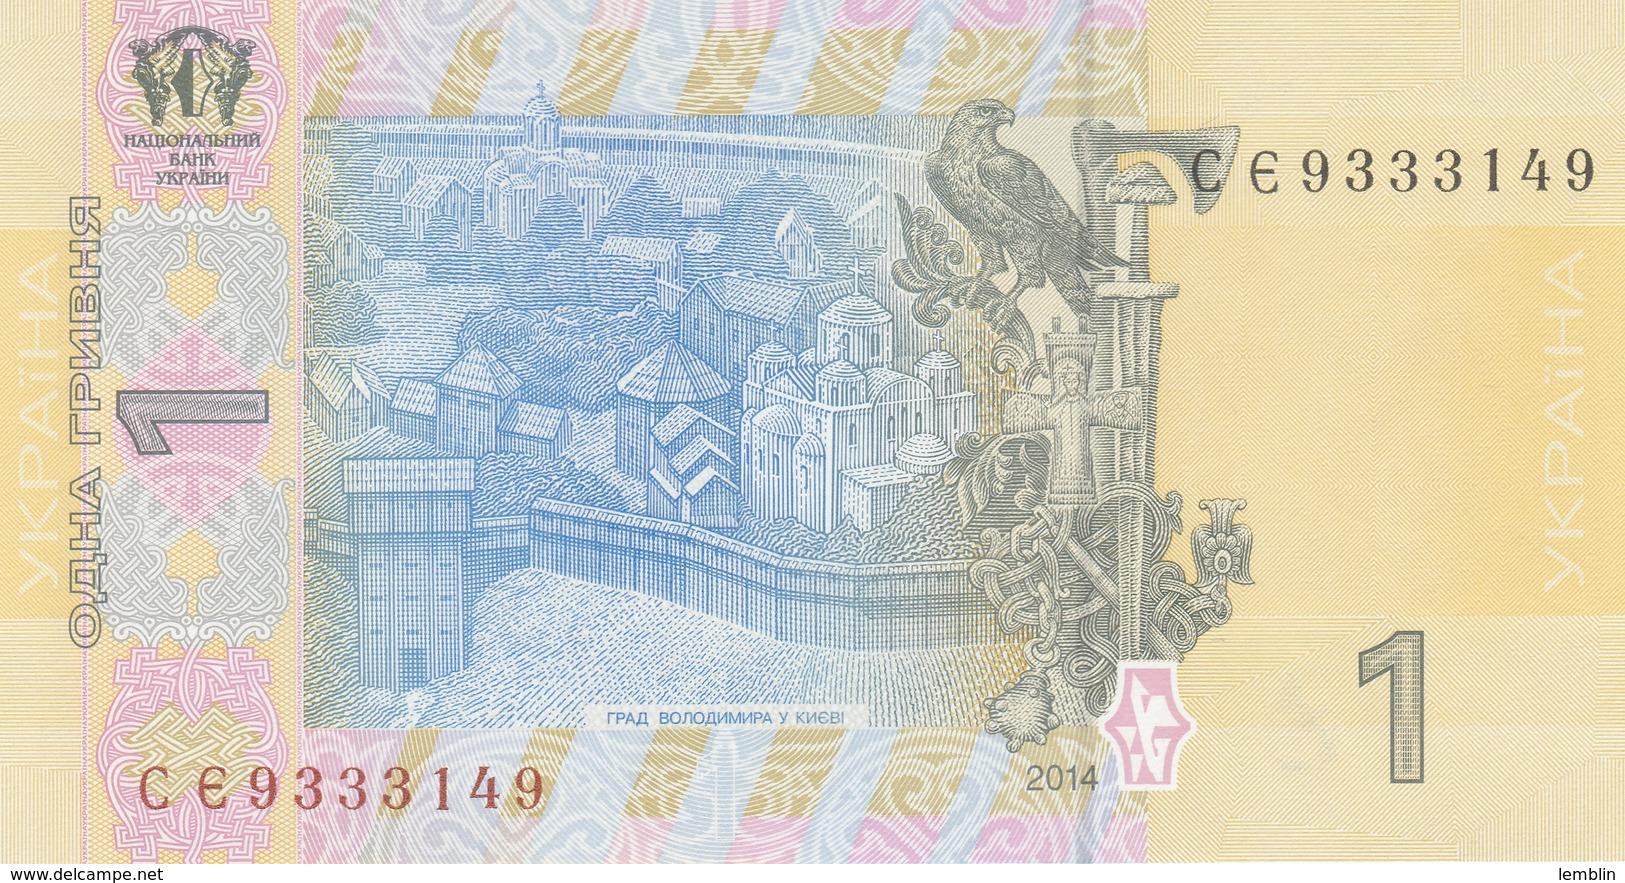 2 BILLETS NEUFS DE LA REPUBLIQUE POPULAIRE DE LOUGANSK - Ukraine